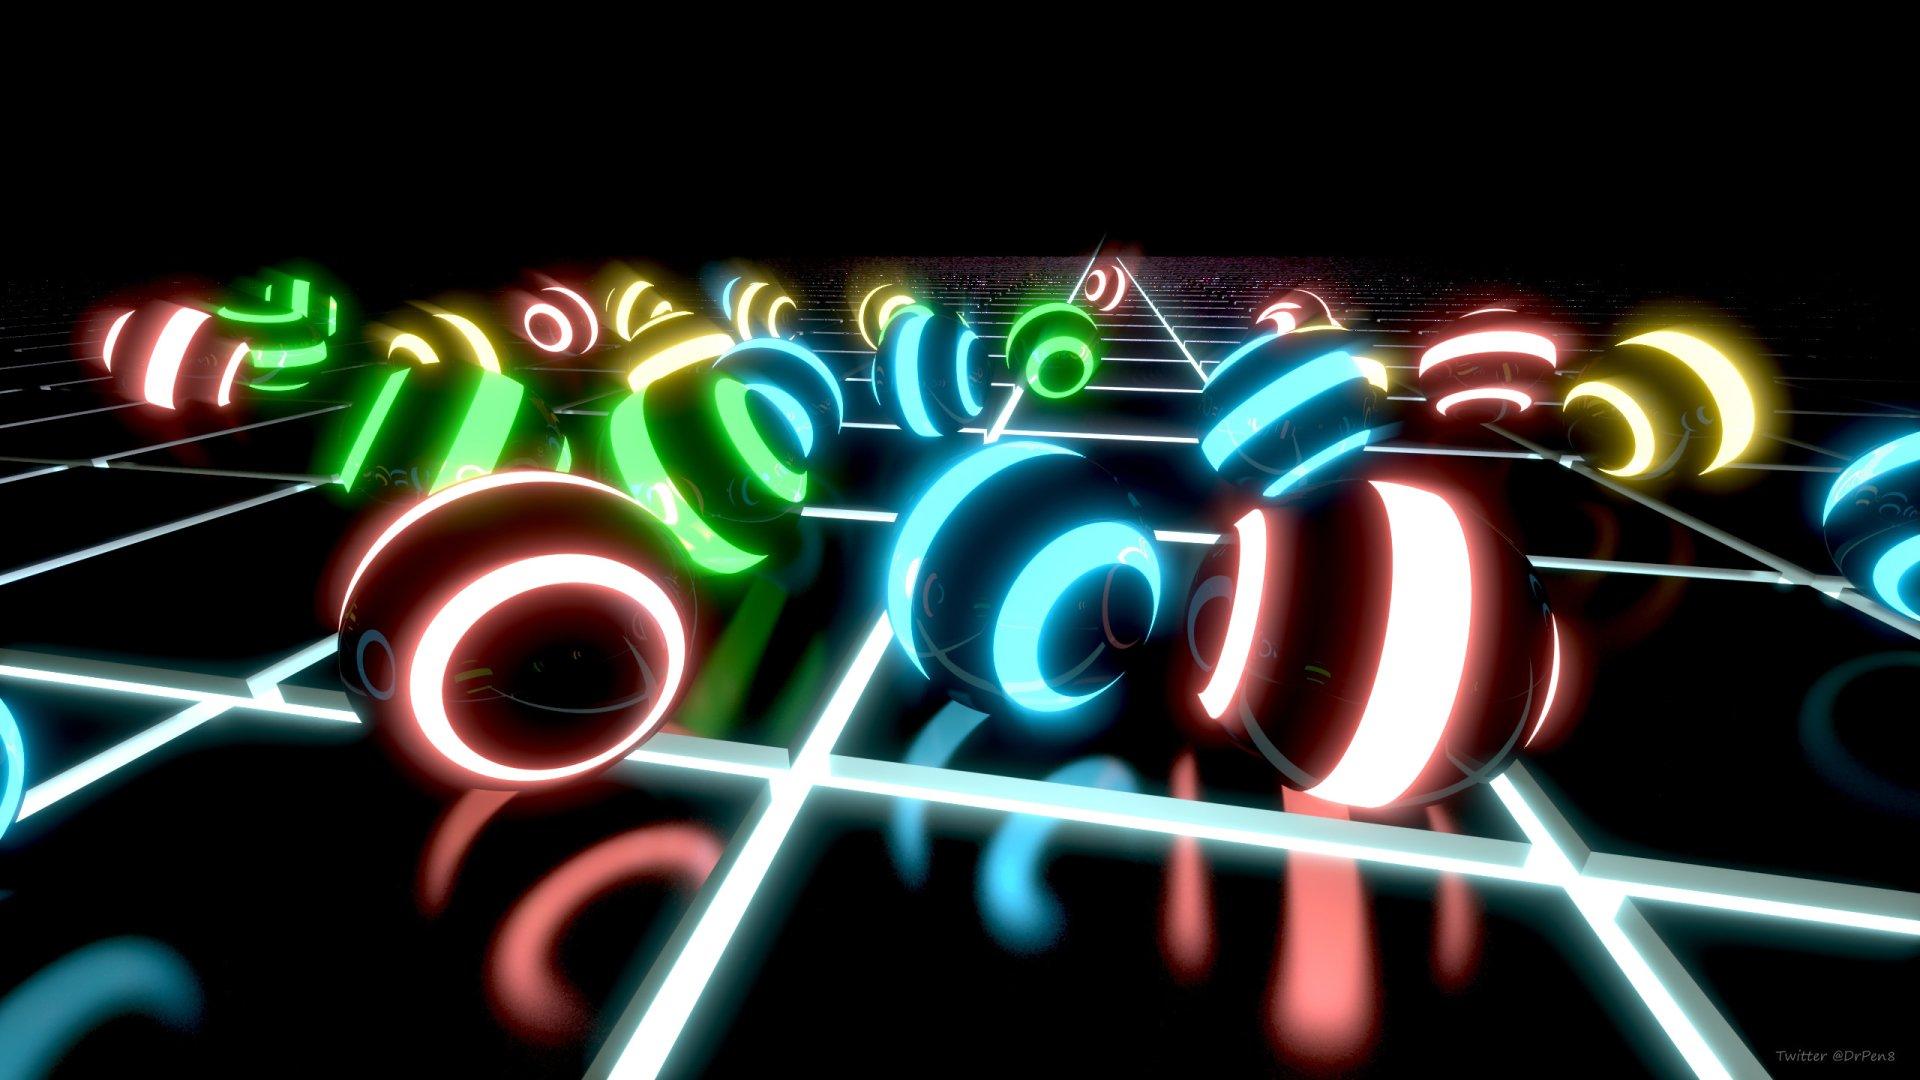 Artistic - Abstract  3D Digital Art Blender 3D Artistic Neon Dark Wallpaper